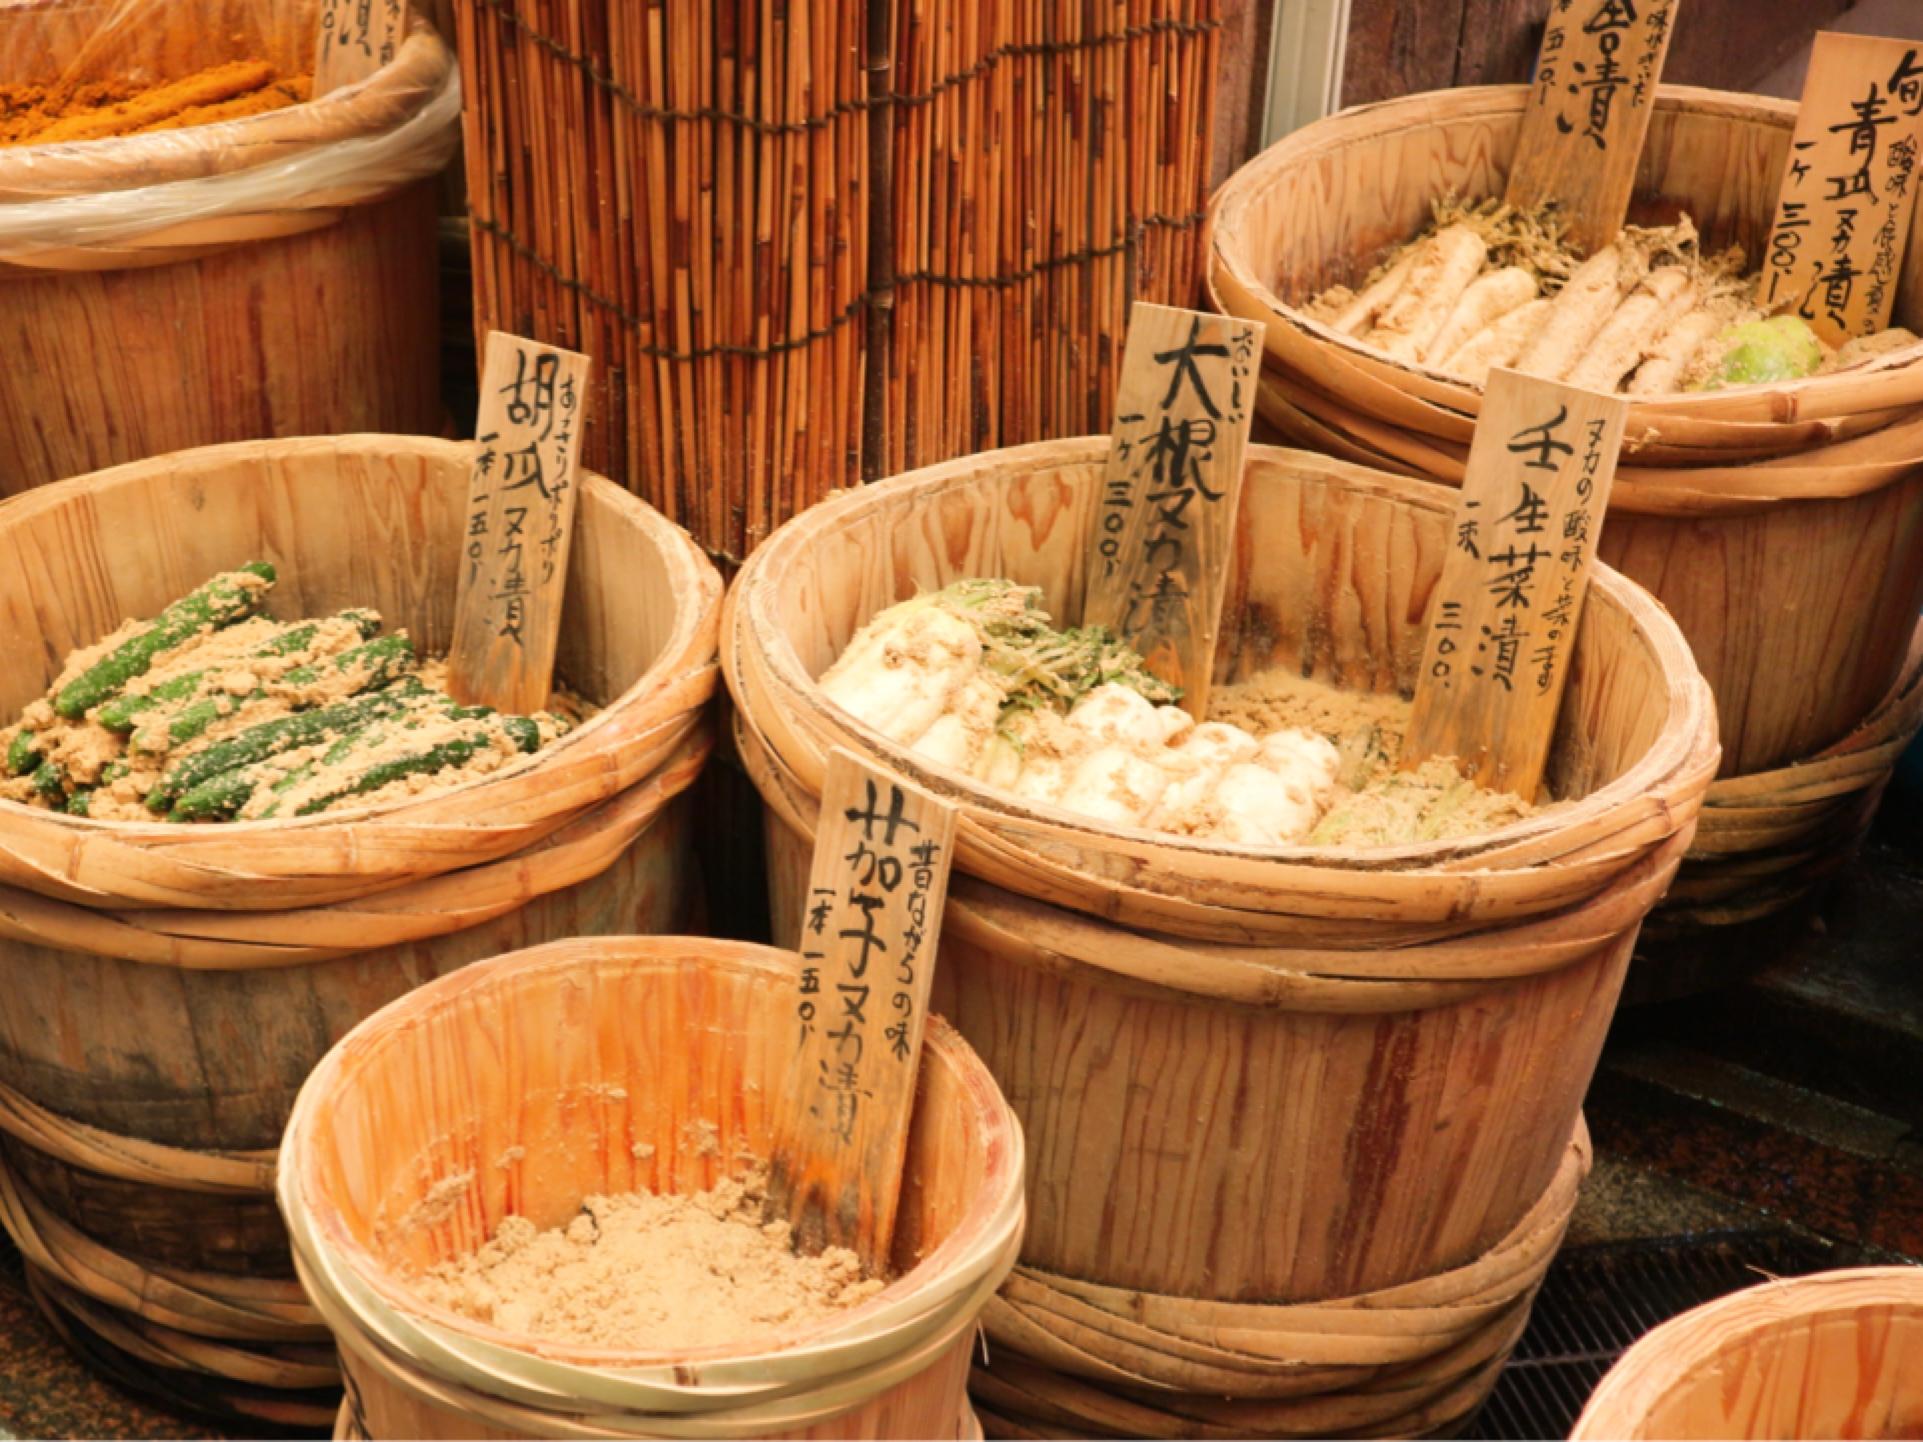 日本引以為傲的長期保存食品・醃菜